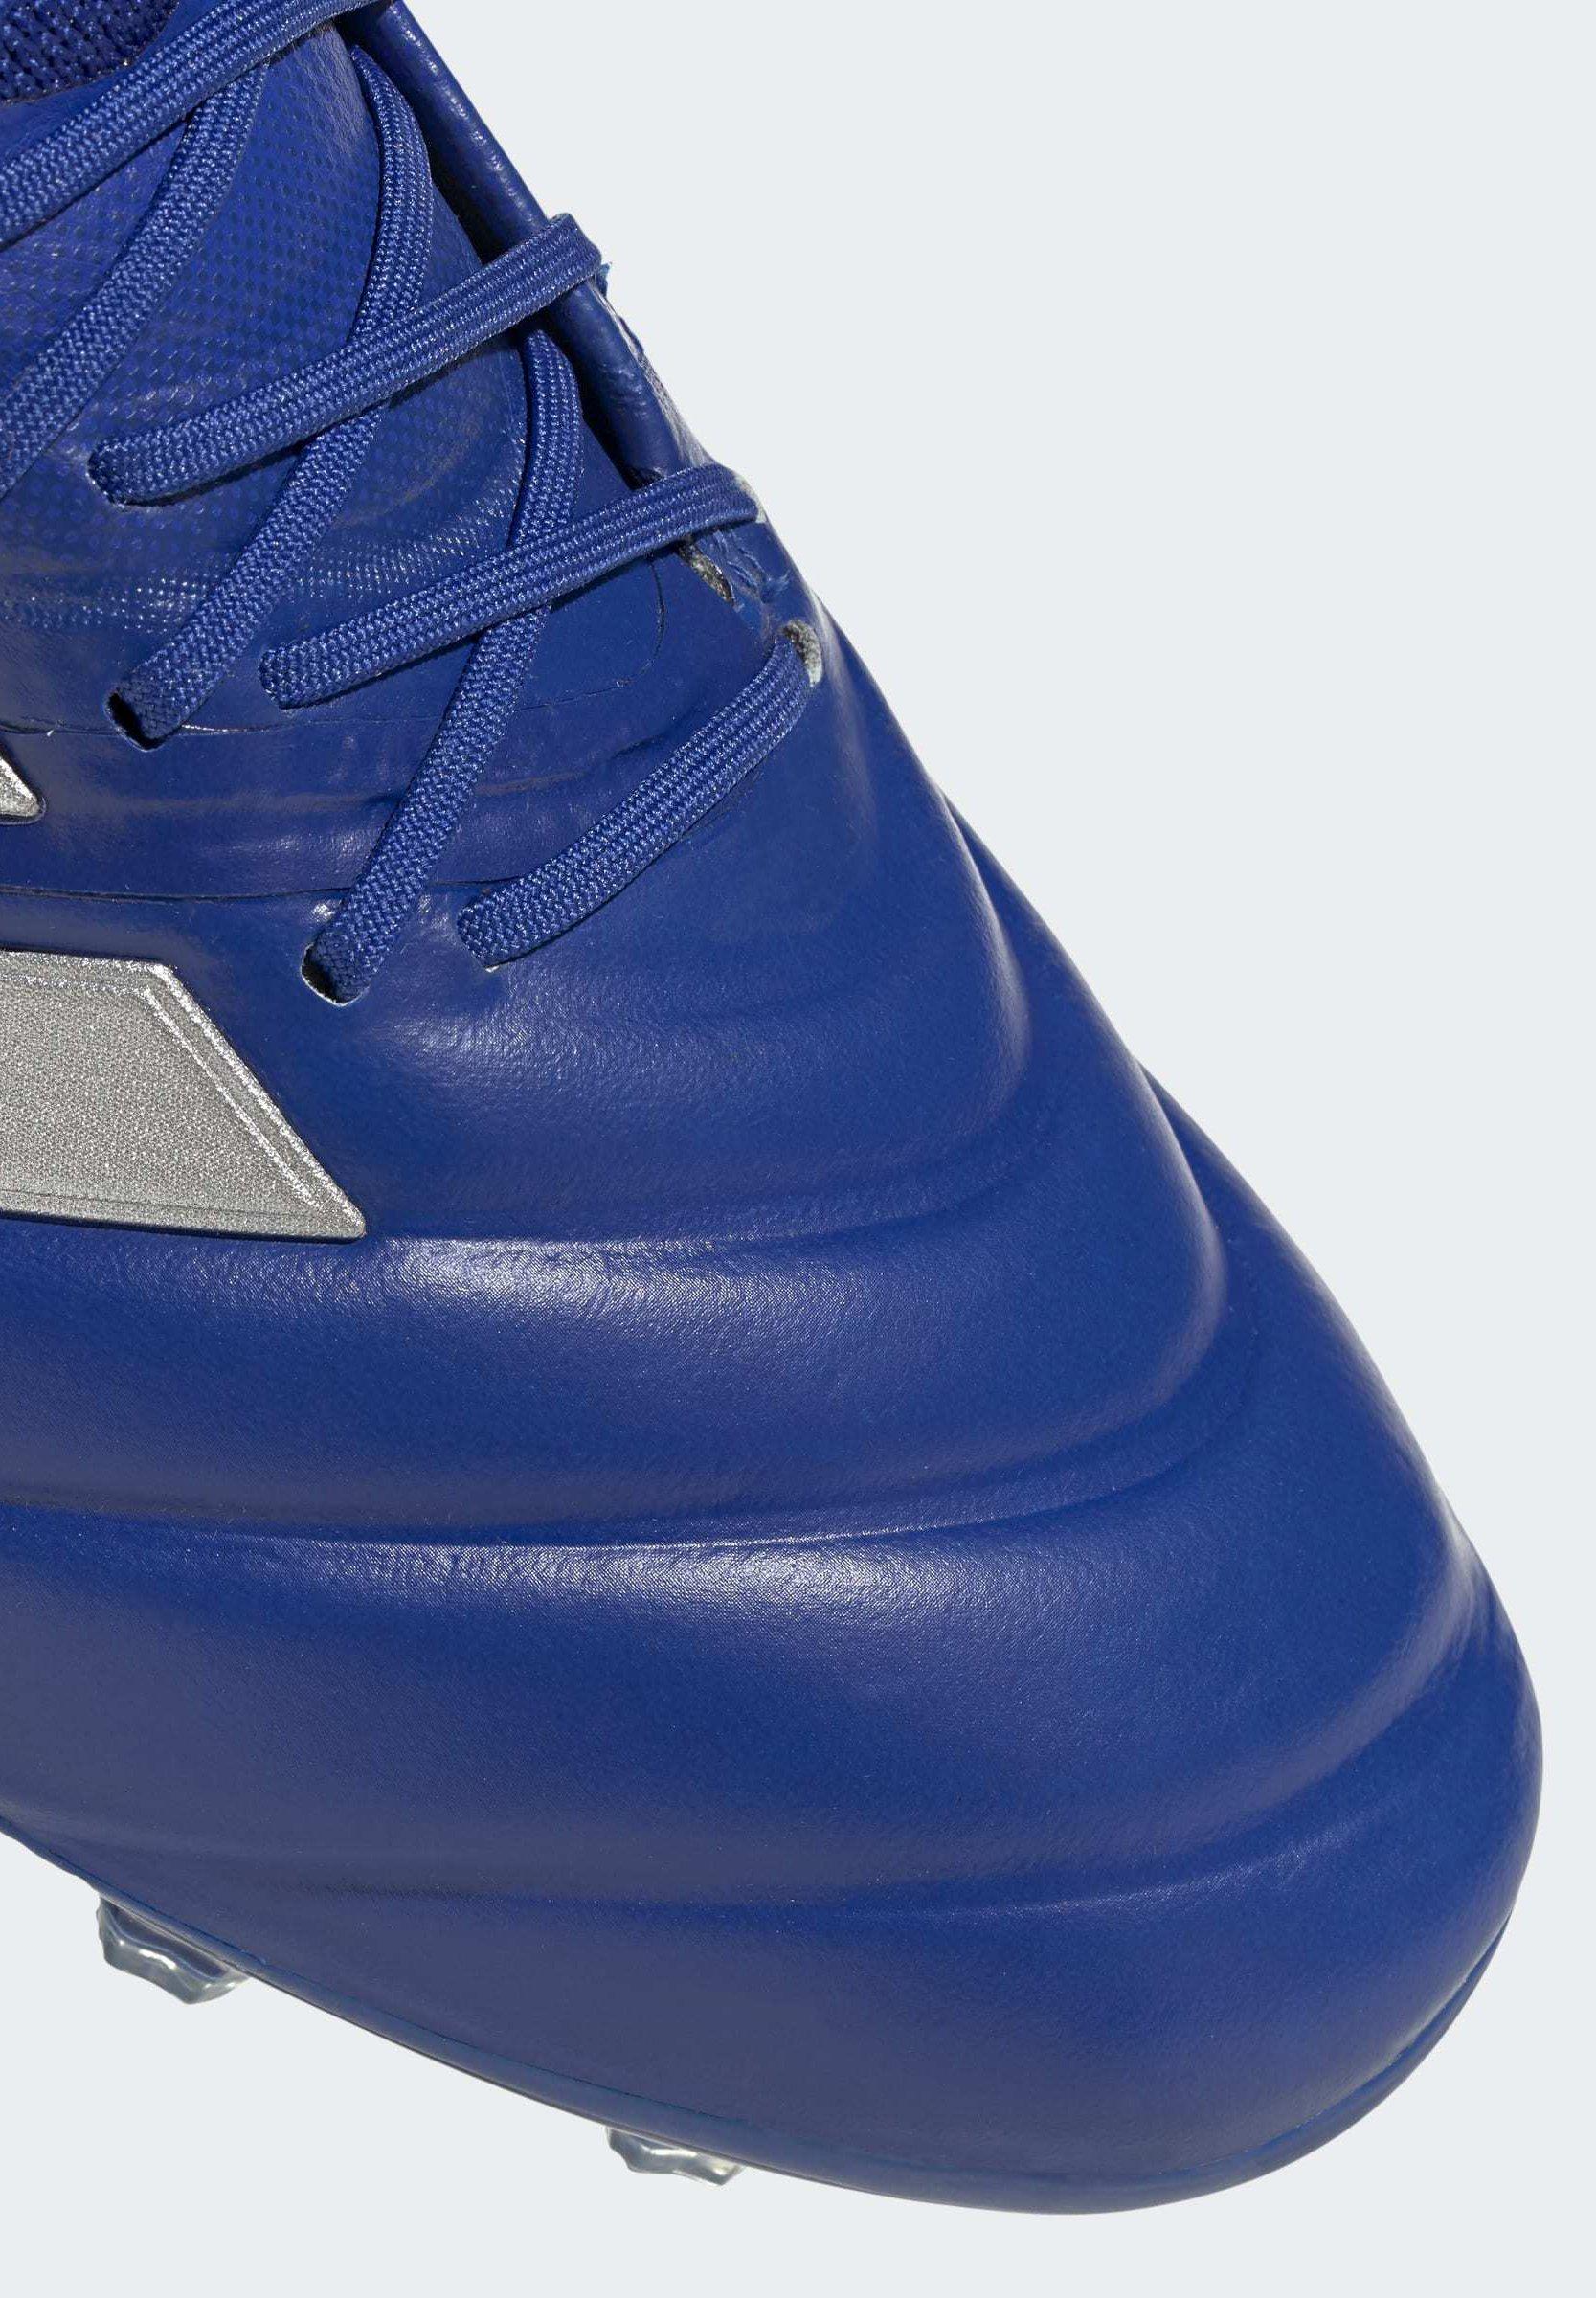 adidas Performance Fußballschuh Stollen - blue/blau - Herrenschuhe 8q4AP